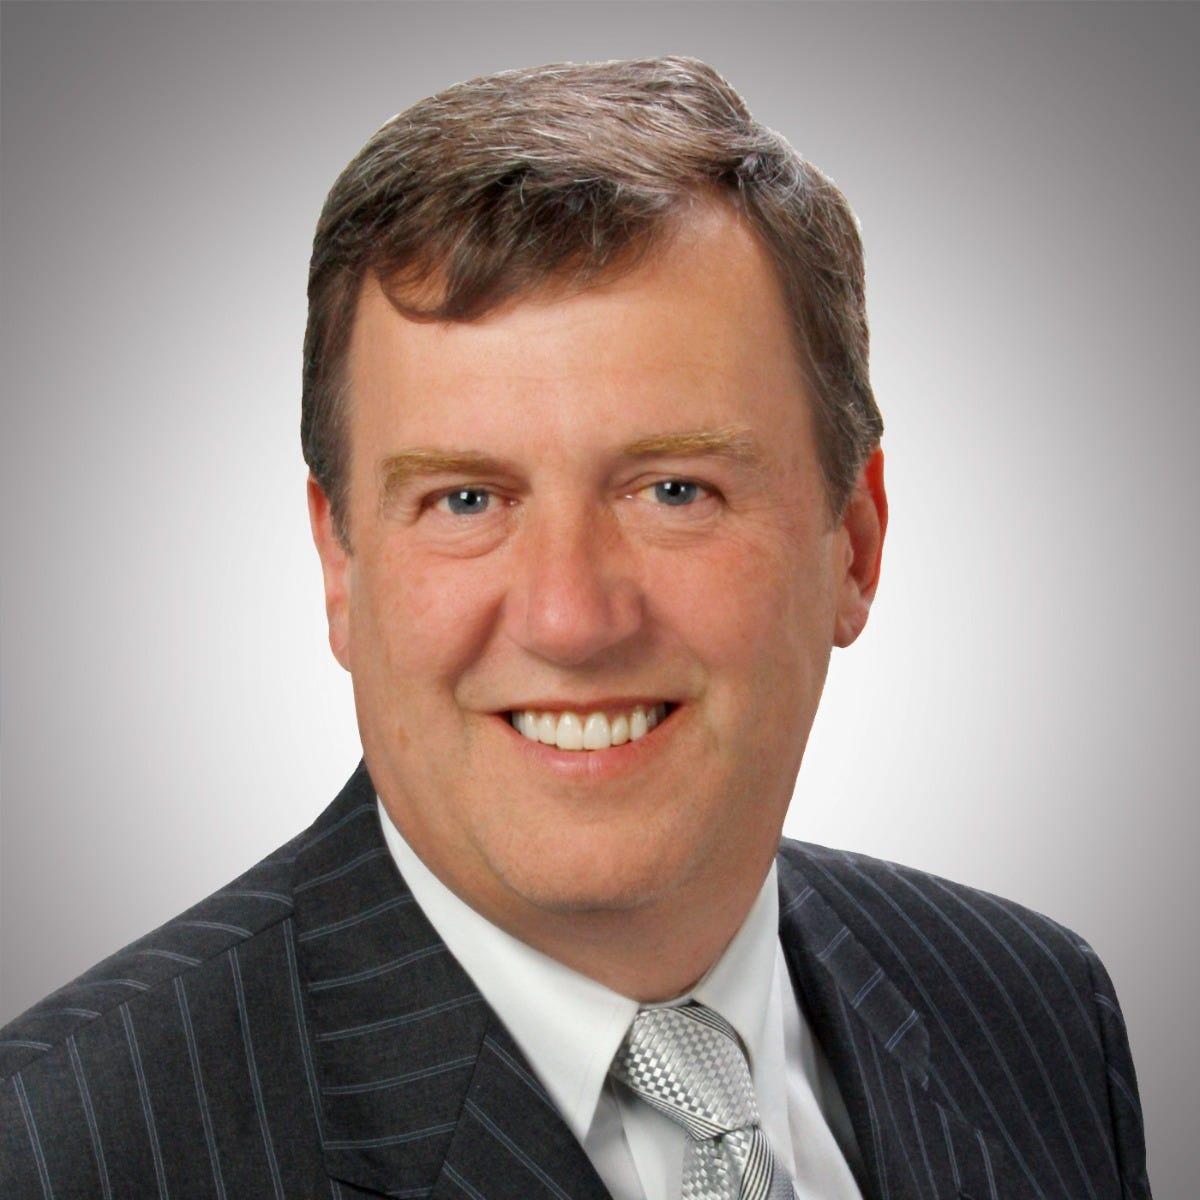 Dental Education Instructor - David Ouellet, DDS